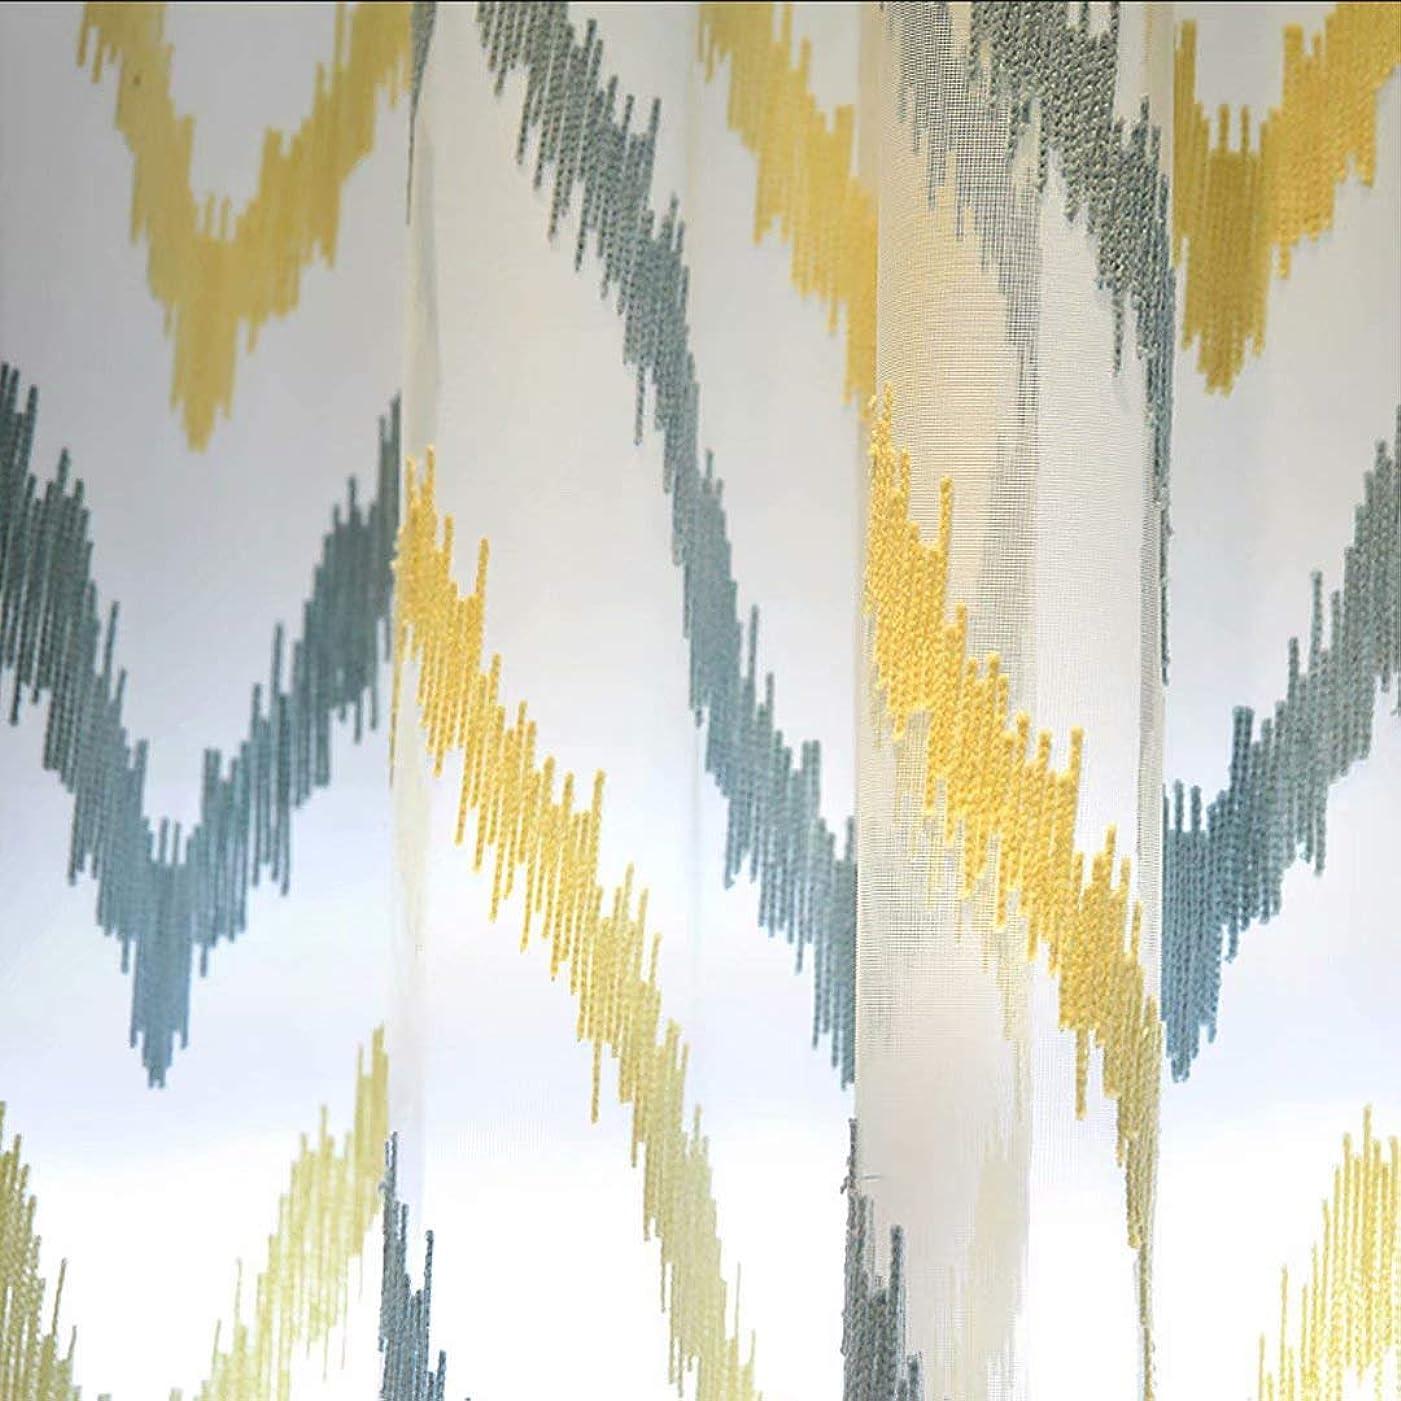 祝う相互定説レースカーテン おしゃれ カーテン?両開き 刺繍 優雅 上品 北欧 インテリア 高級感 きれい エレガント 飾り 窓 部屋 新築祝い 幅100cm丈178cm?(2枚入り) サイズ選択可能 オーダー可能 洗濯可?INSOD